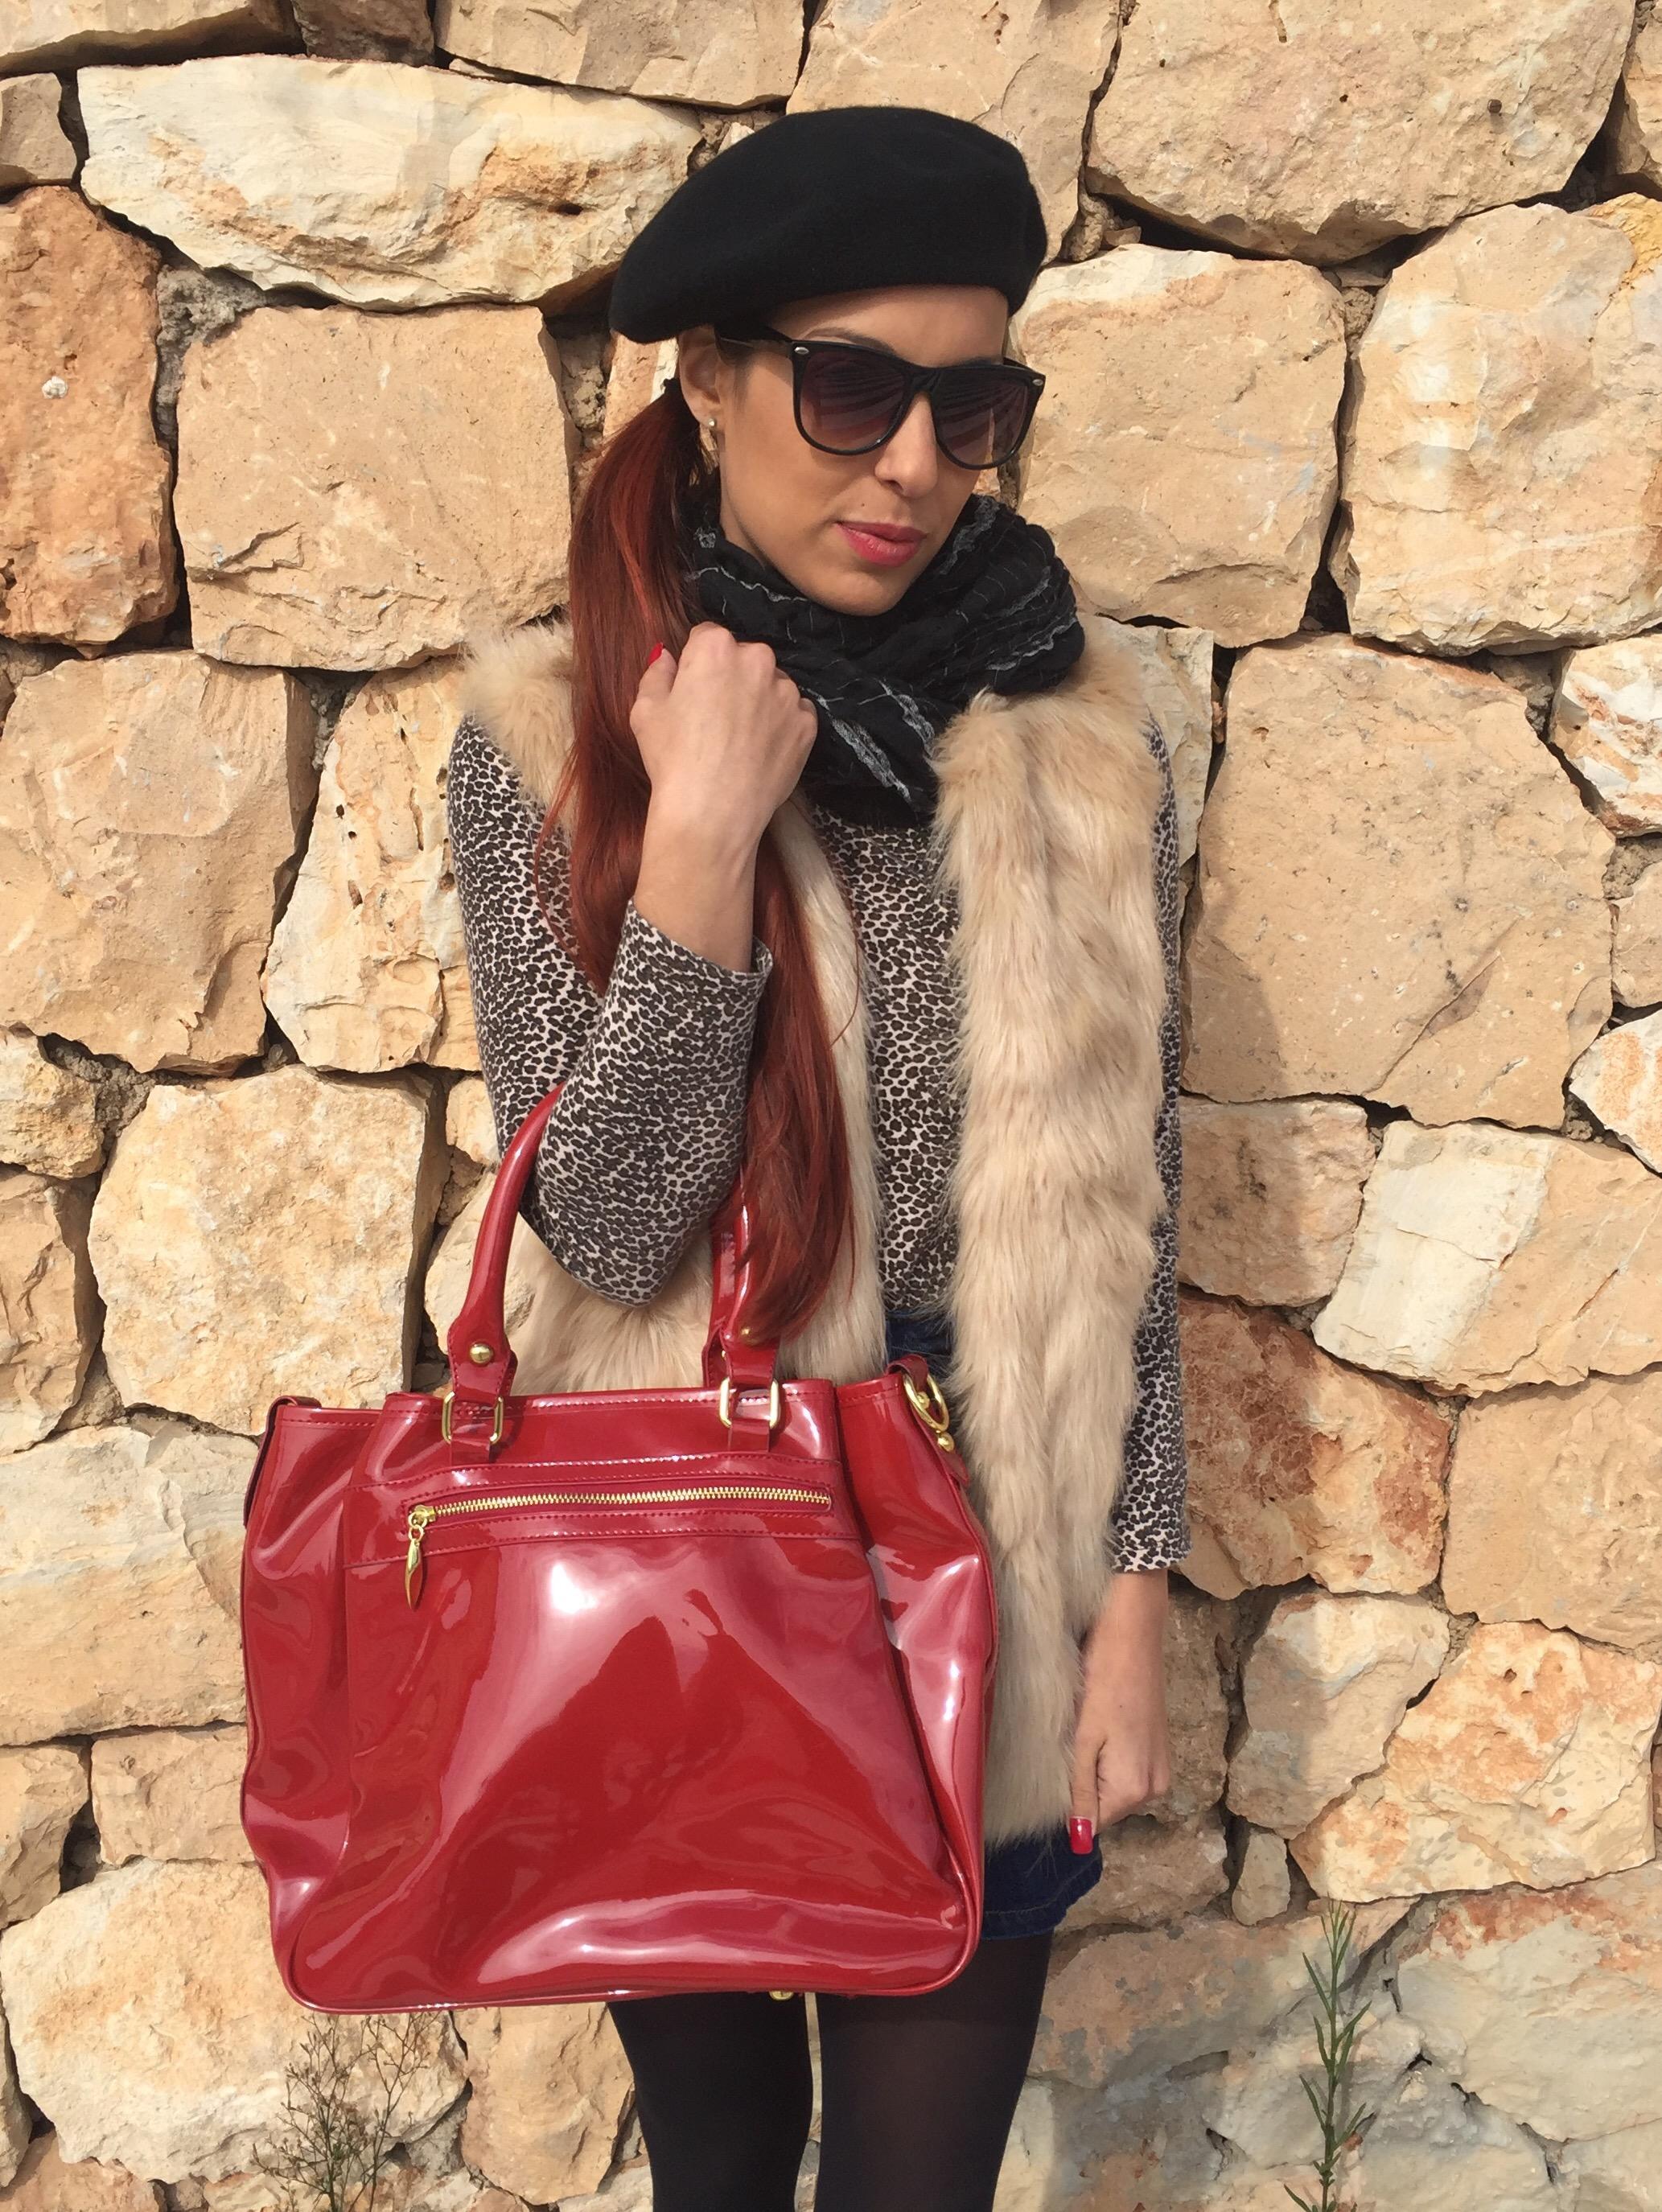 chaleco de pelo y bolso de charol rojo